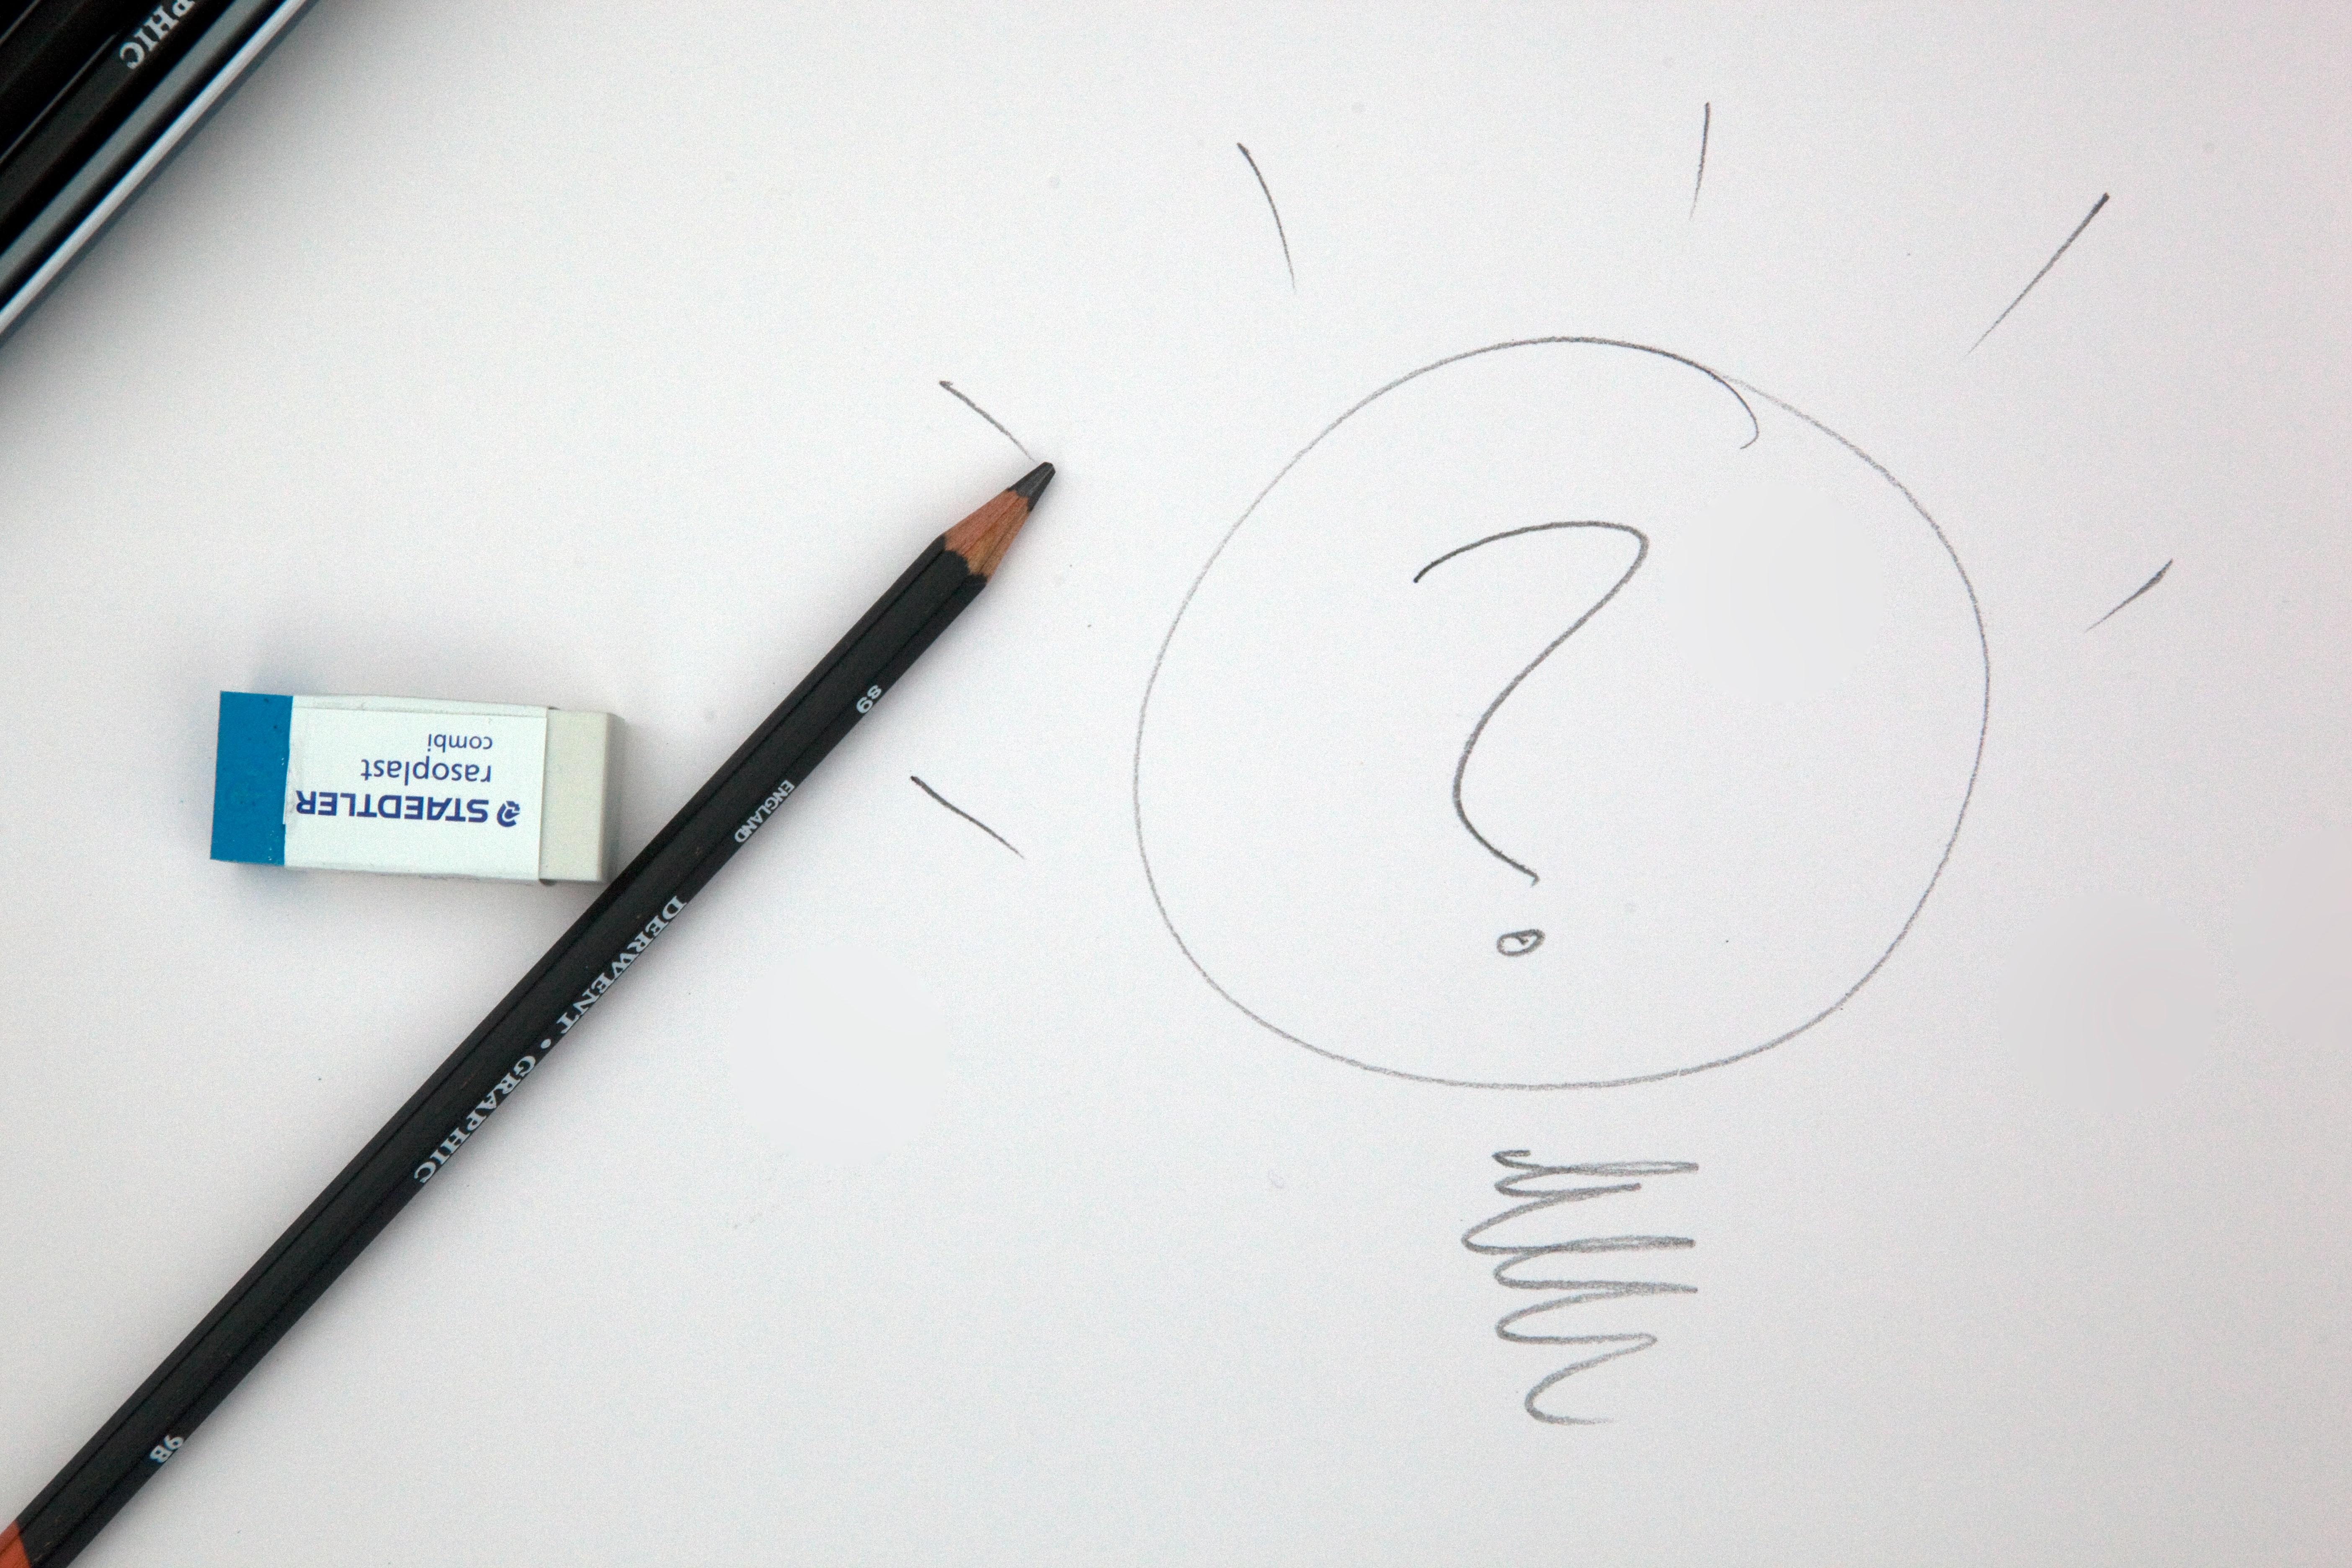 چه زمانی باید از پرسشهای انعکاسی استفاده کنید؟